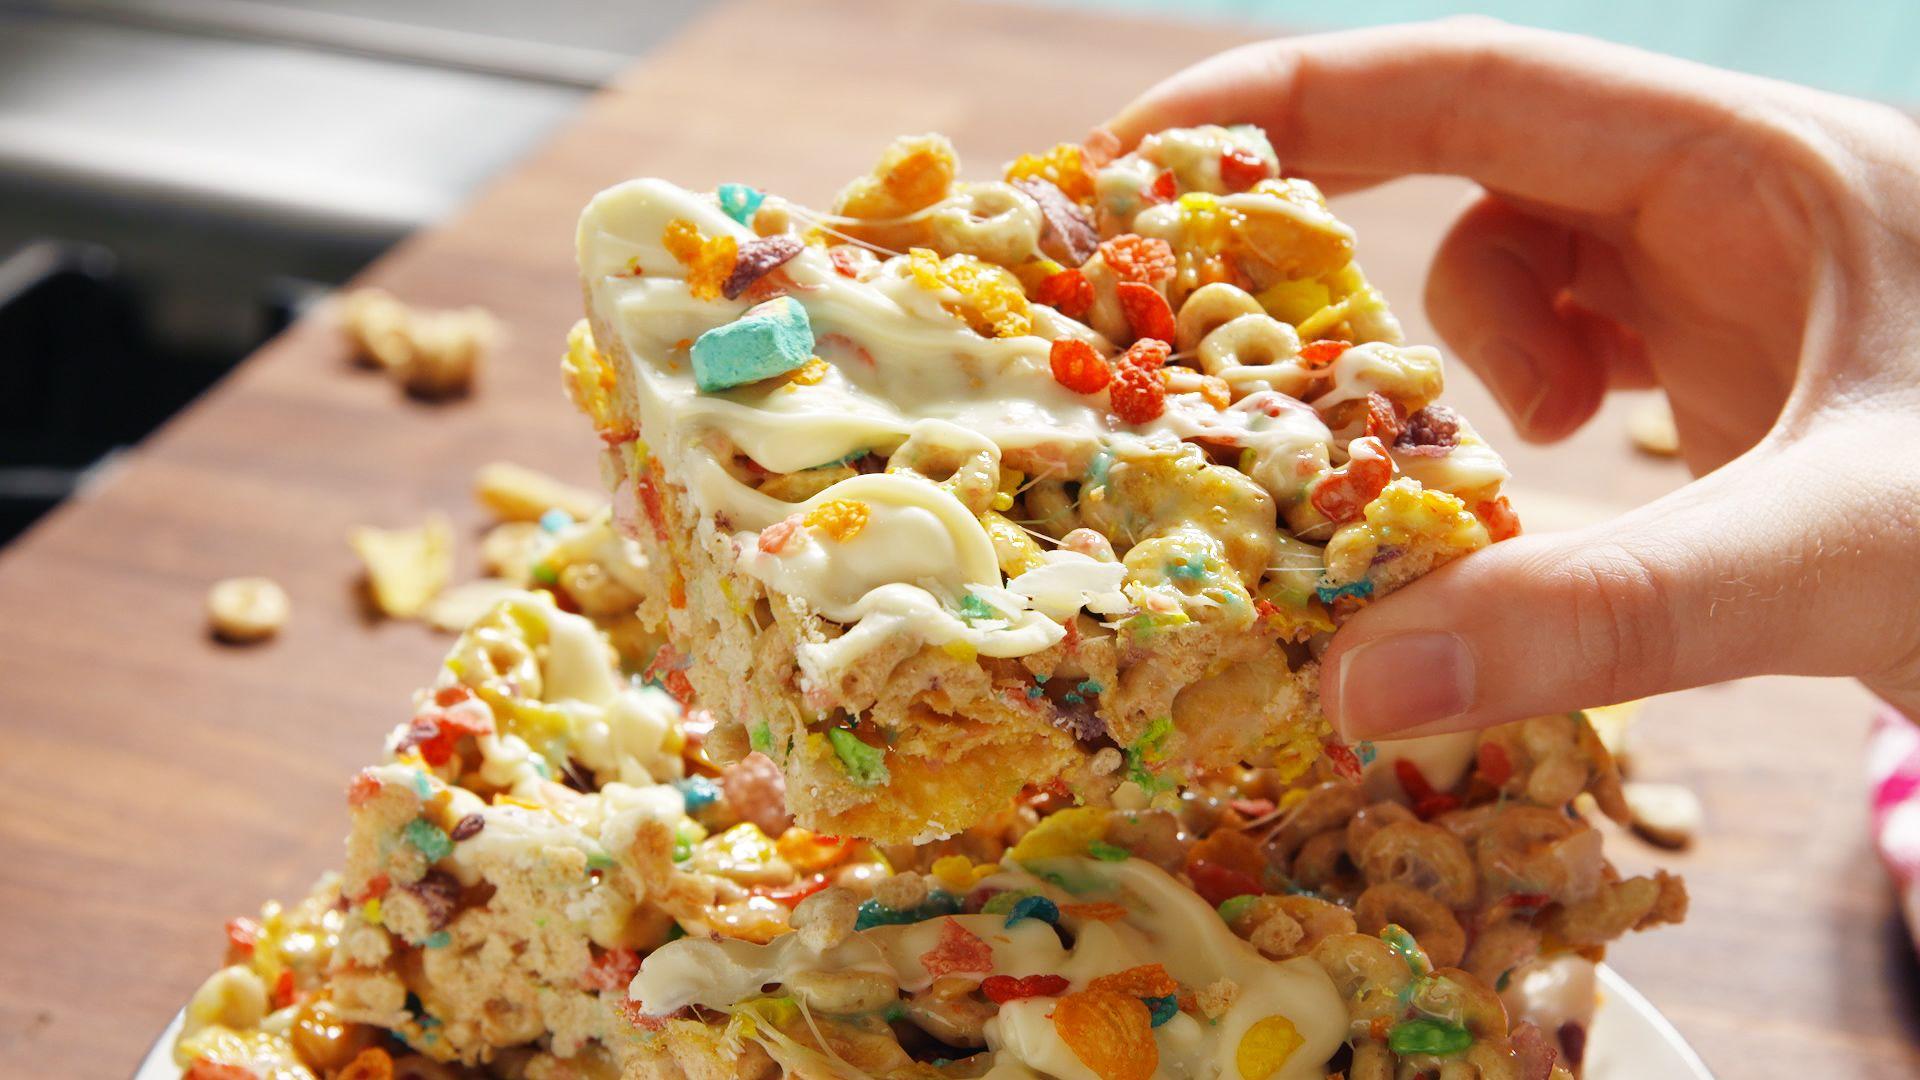 8+ Easy Dessert Recipes For Kids - Best Kid-Friendly Dessert